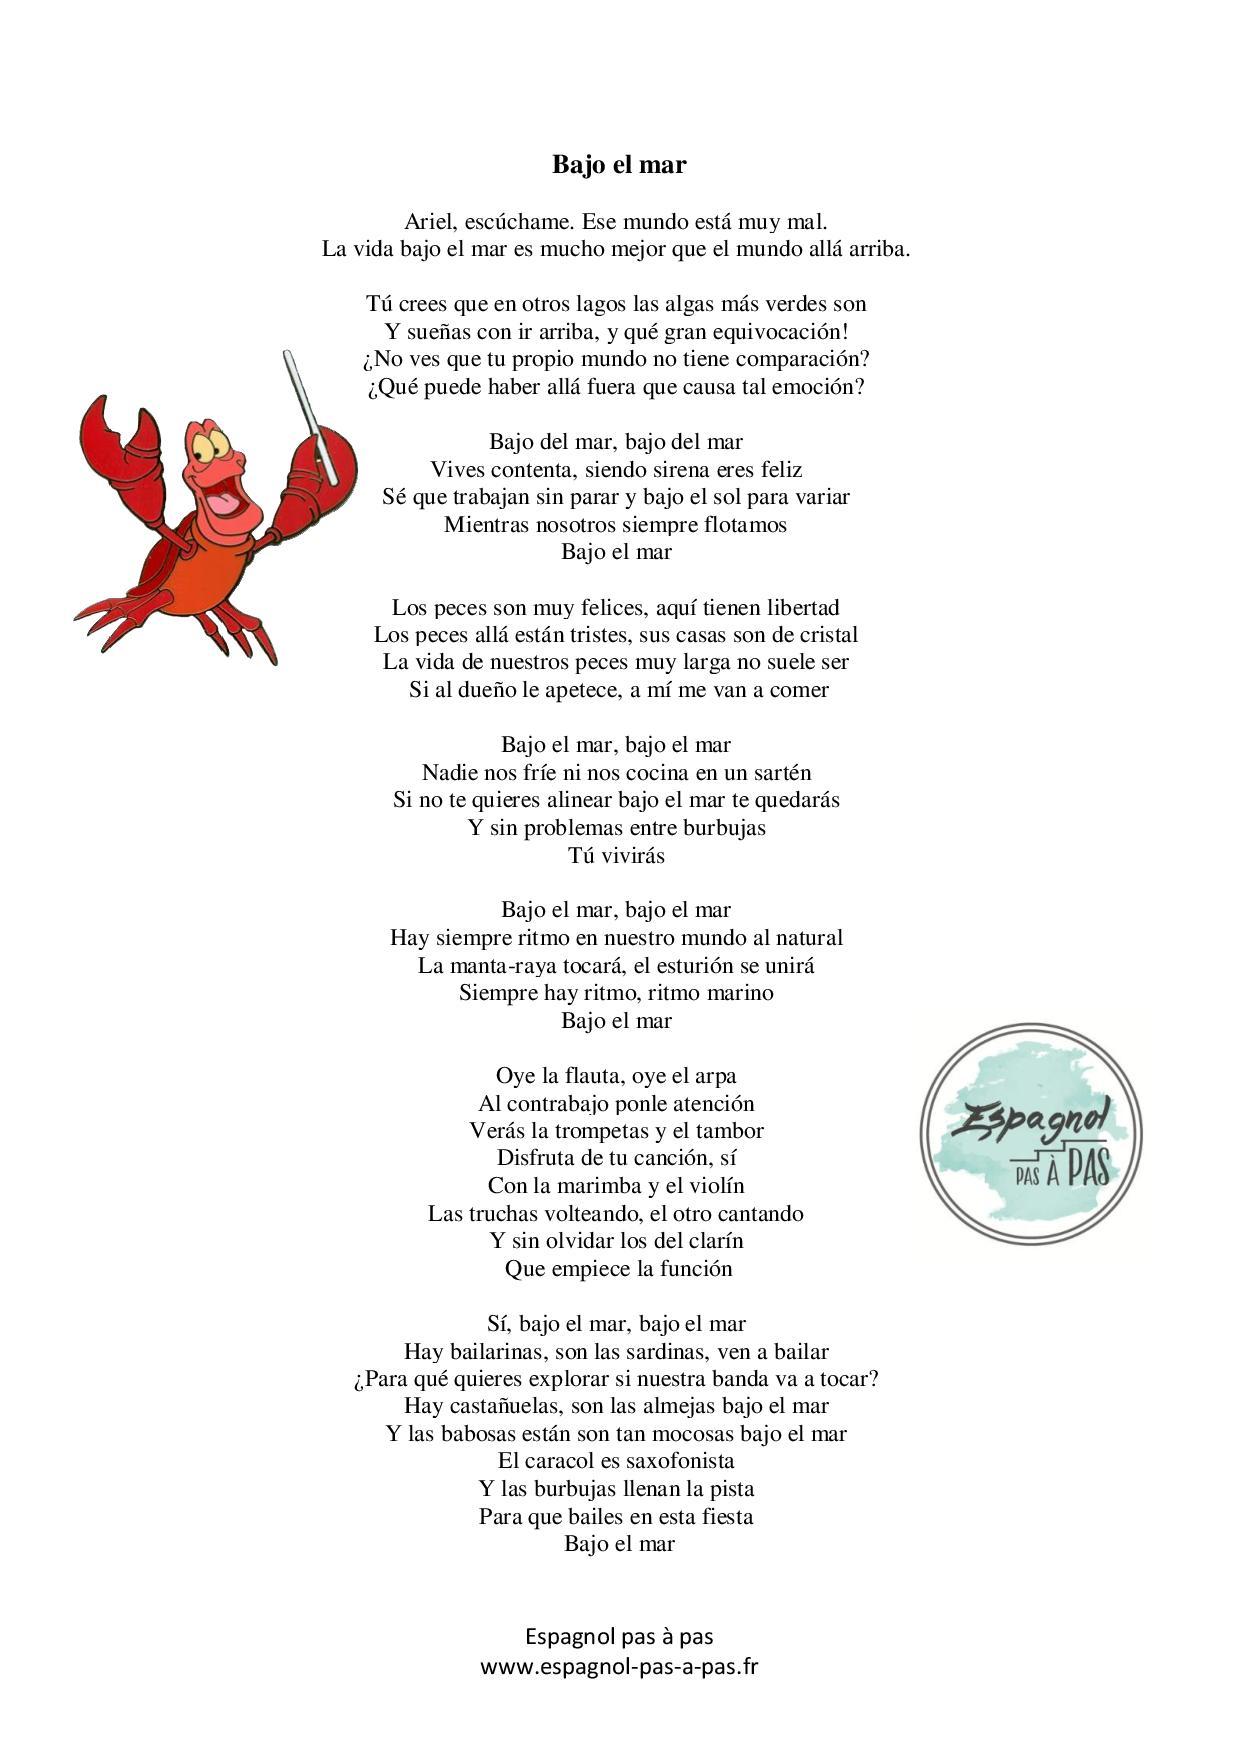 Apprendre l'espagnol grâce aux chansons Walt Disney ...